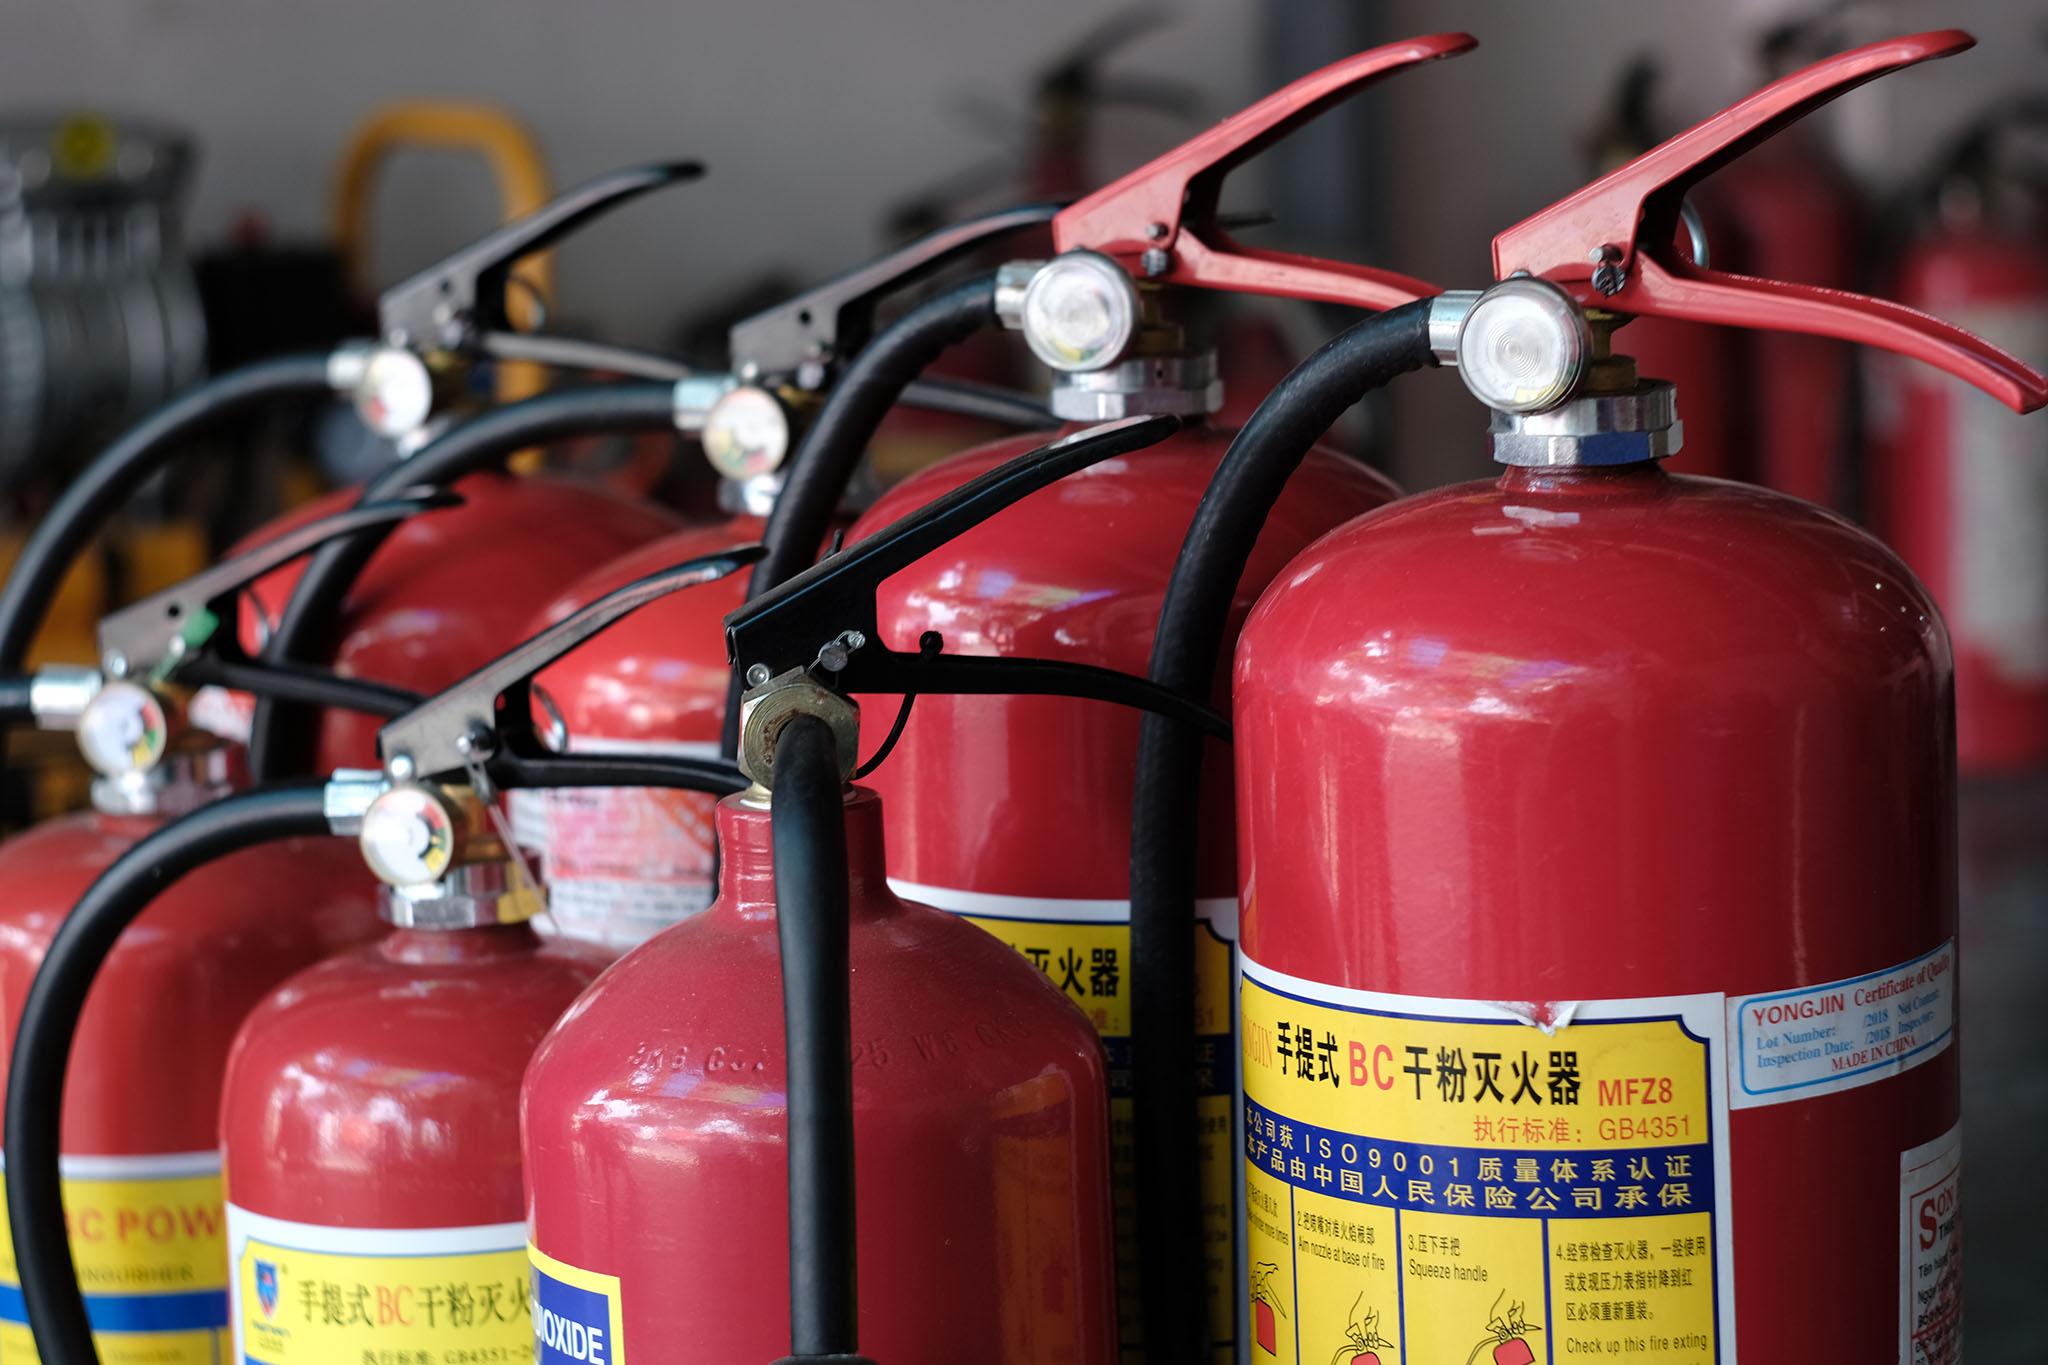 Mua bình chữa cháy ở Cần Thơ chính hãng 100%